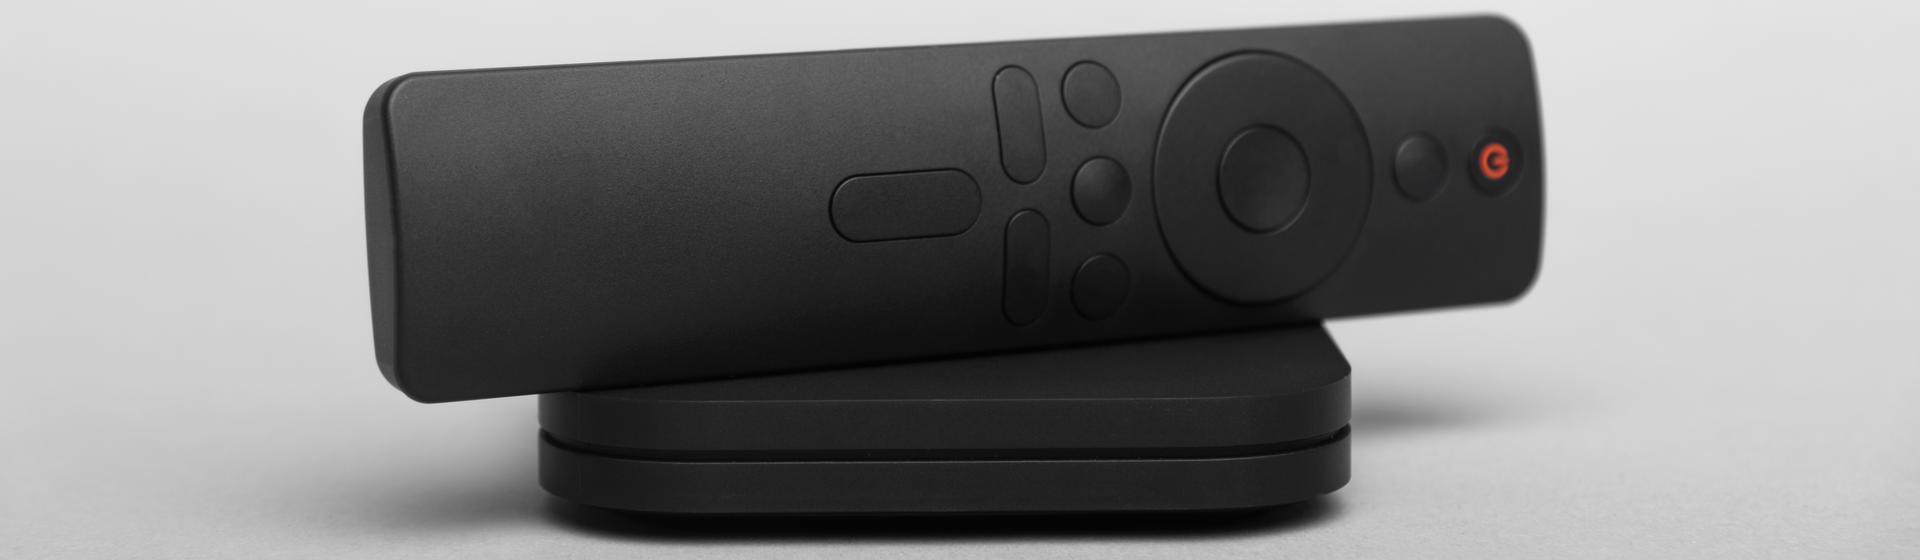 Melhor TV Box: confira opções para comprar na Semana do Brasil 2020